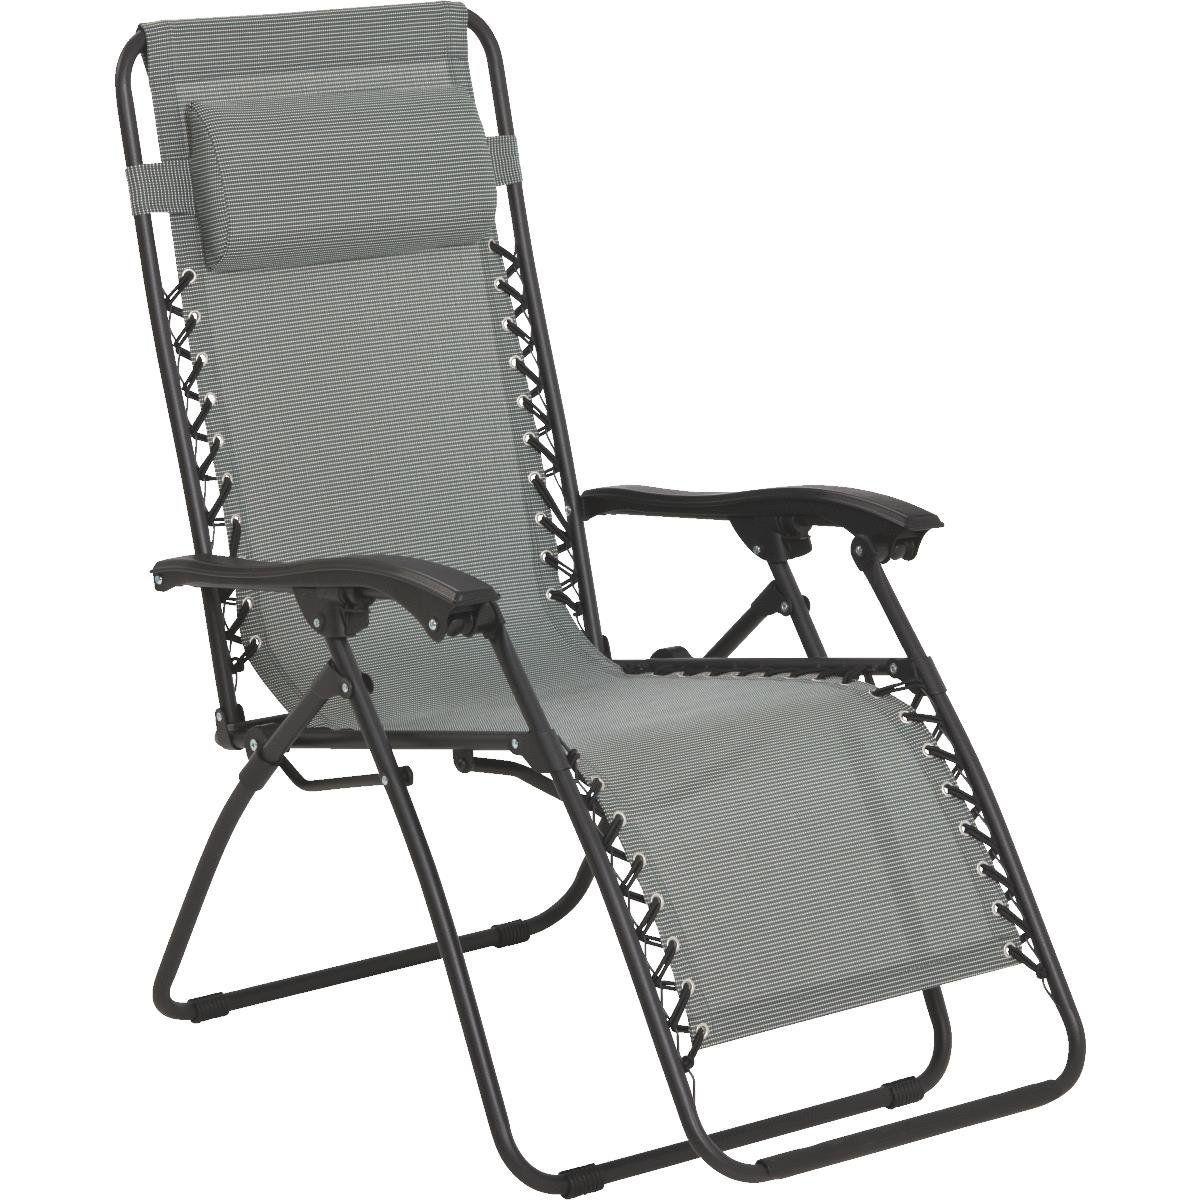 Cadeira Espreguiçadeira Pelegrin PEL-001Z Gravidade Zero em Tela Mesh Cinza